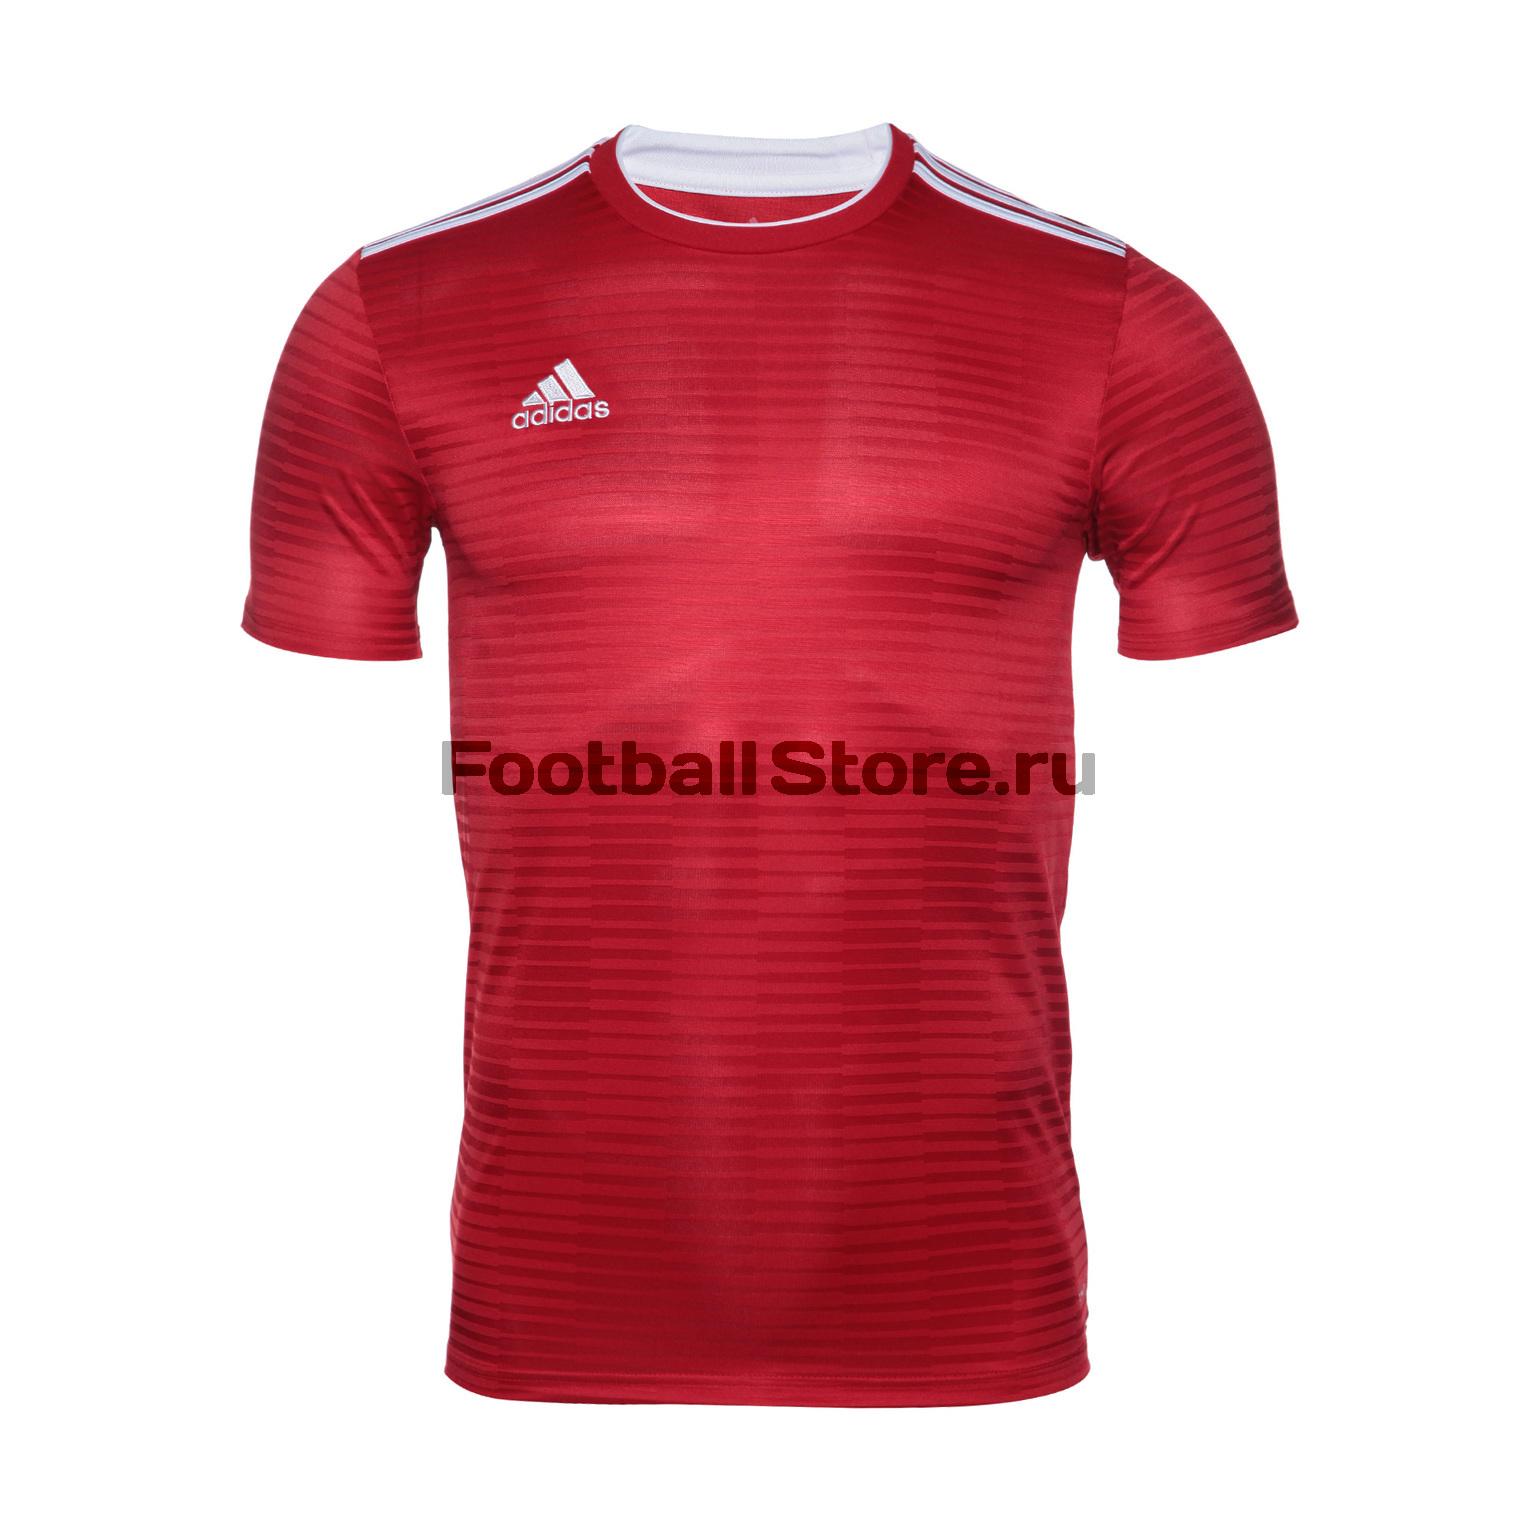 Футболка игровая Adidas Con18 JSY CF0677 阿迪达斯(adidas)休闲运动 潮流款小肩包 s96349 黑色